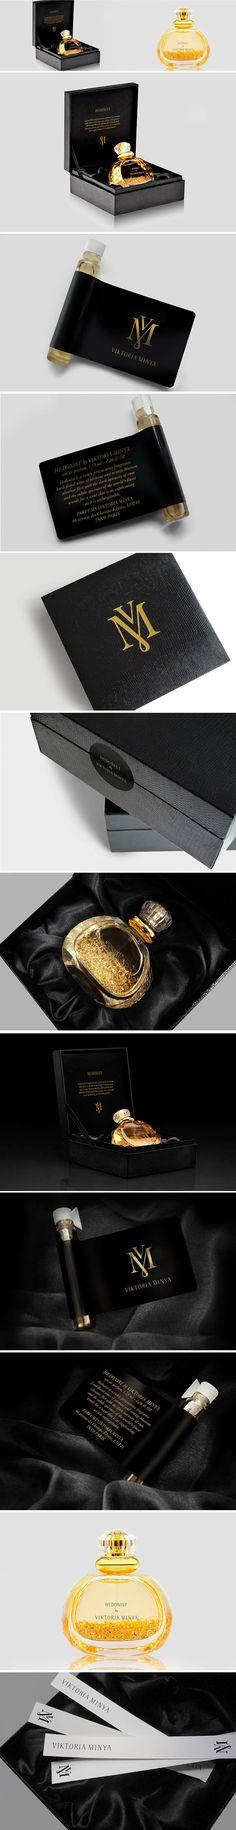 FLAKON PERFUM VIKTORIA MINYA | http://opakowaniaswiata.pl/flakon-perfum-viktoria-minya/